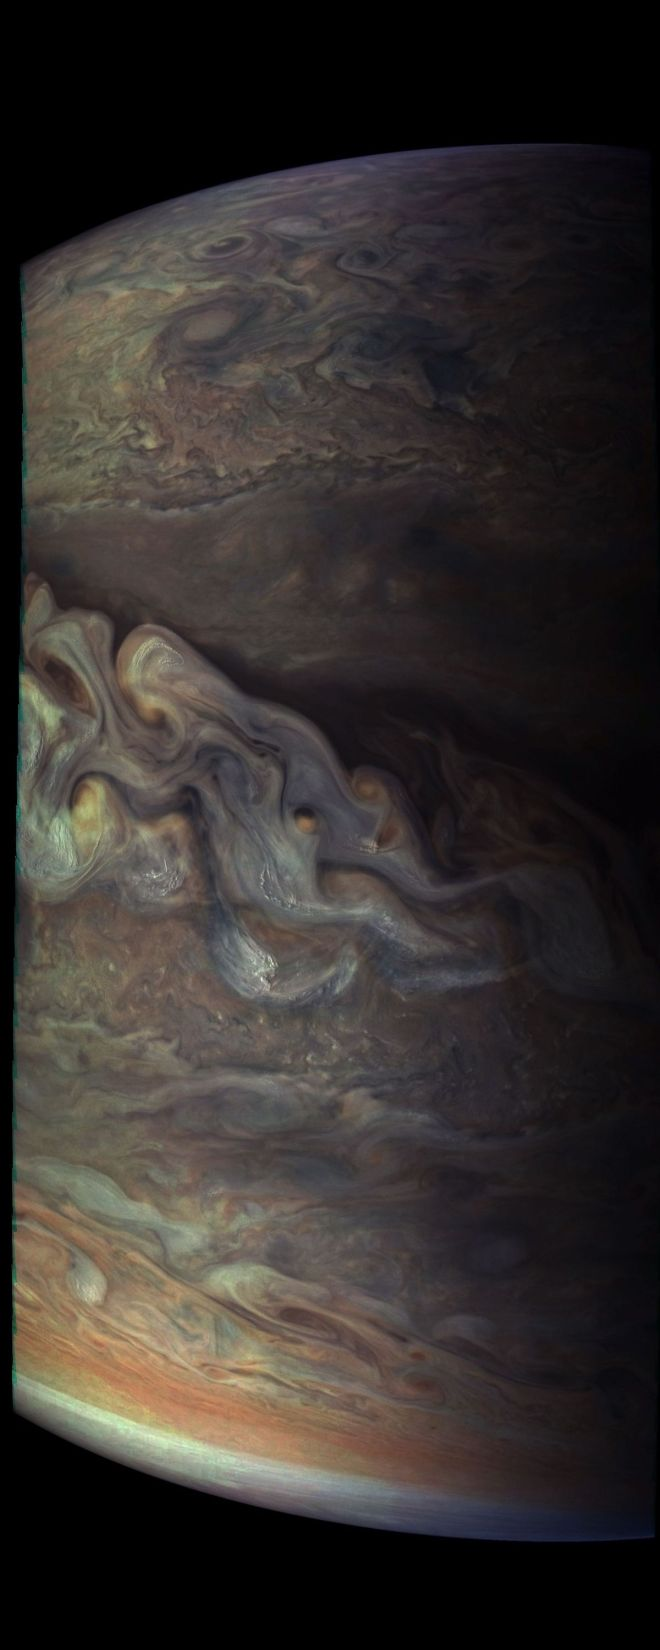 Las nubes y tormentas de júpiter